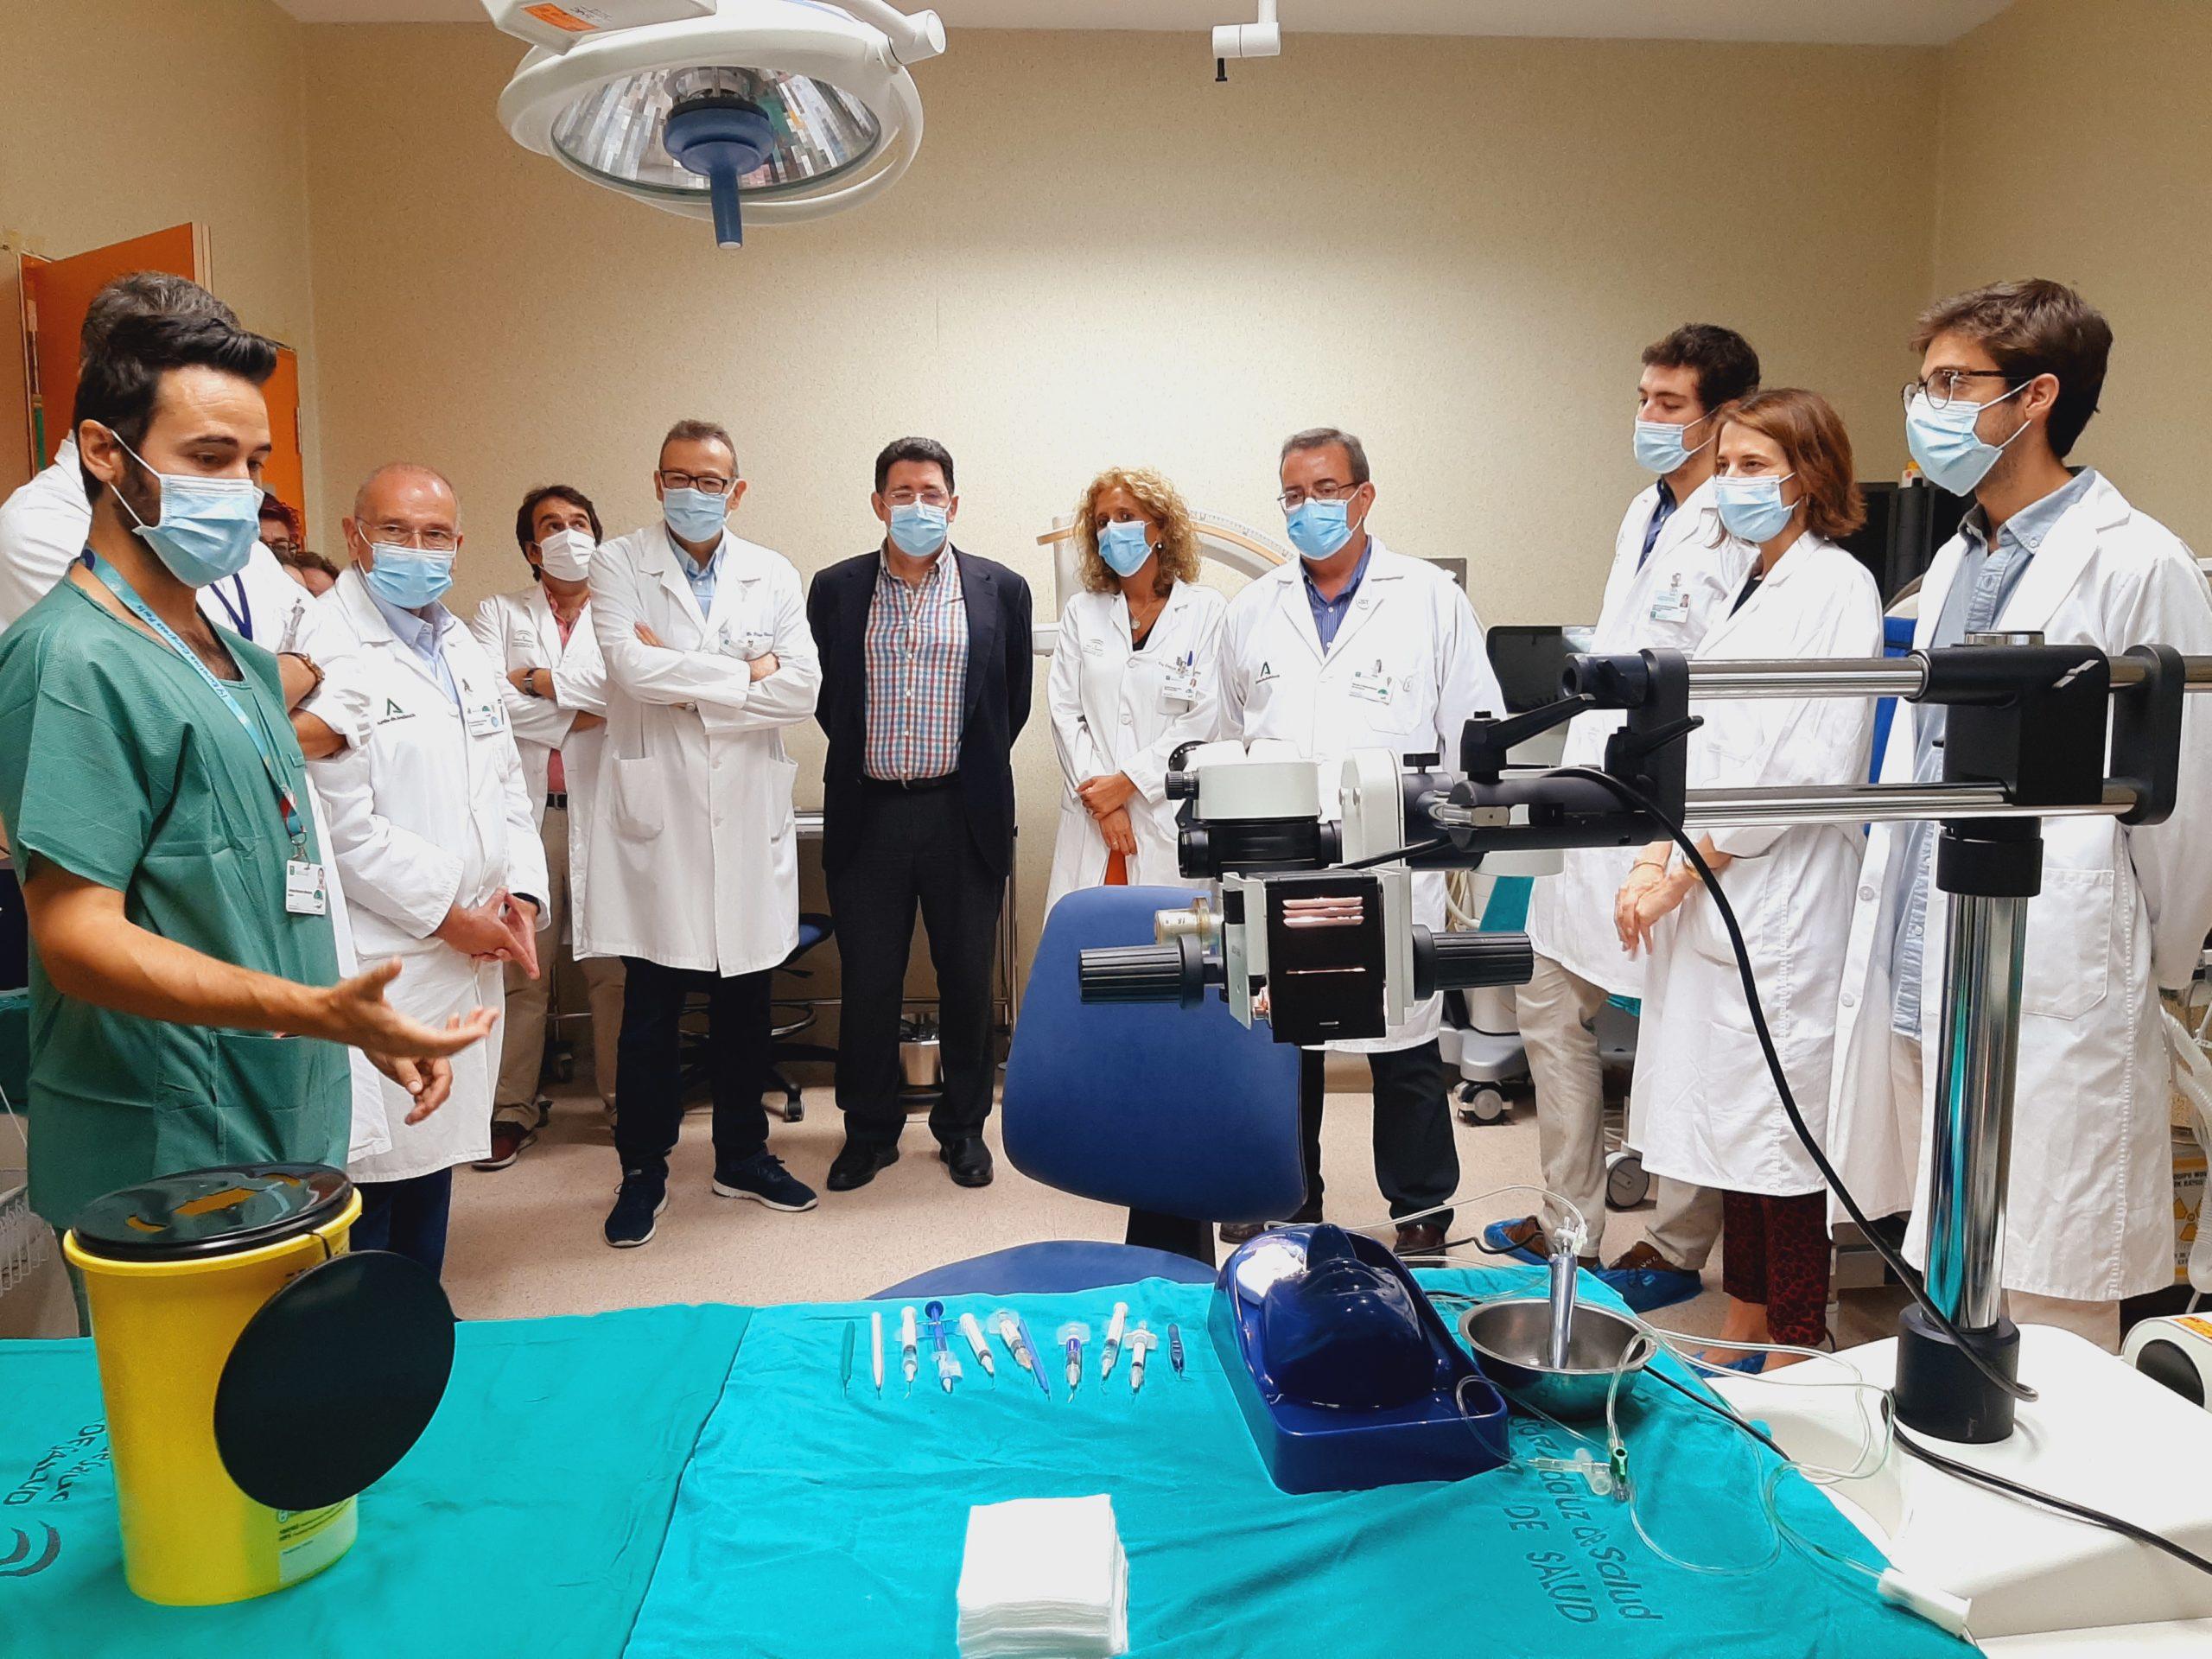 posado de profesionales en el quirófano experimental